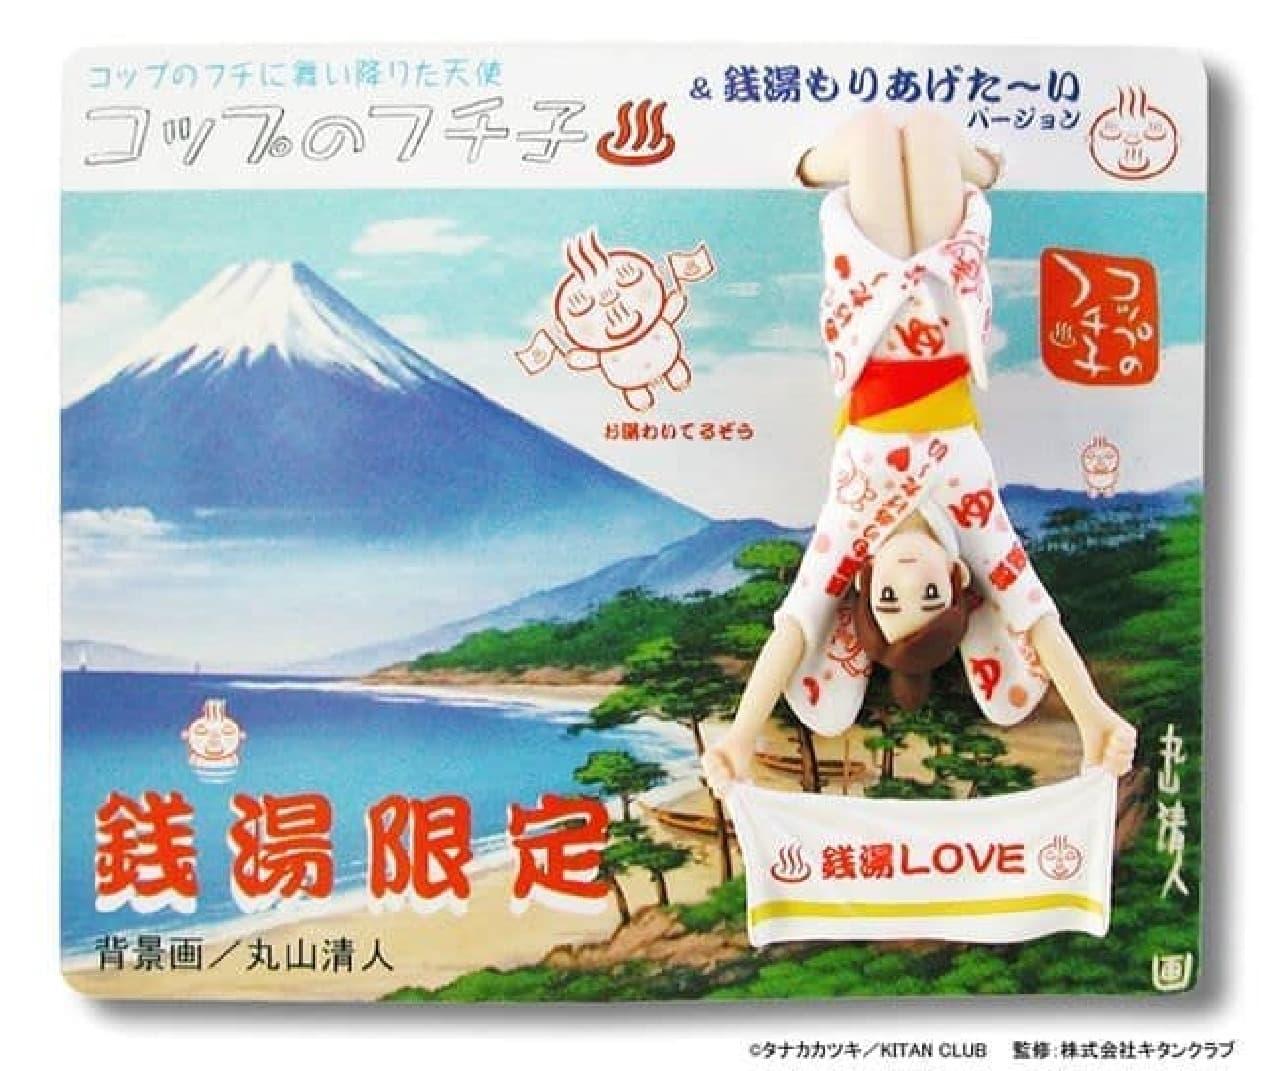 「銭湯限定コップのフチ子」3月26日発売